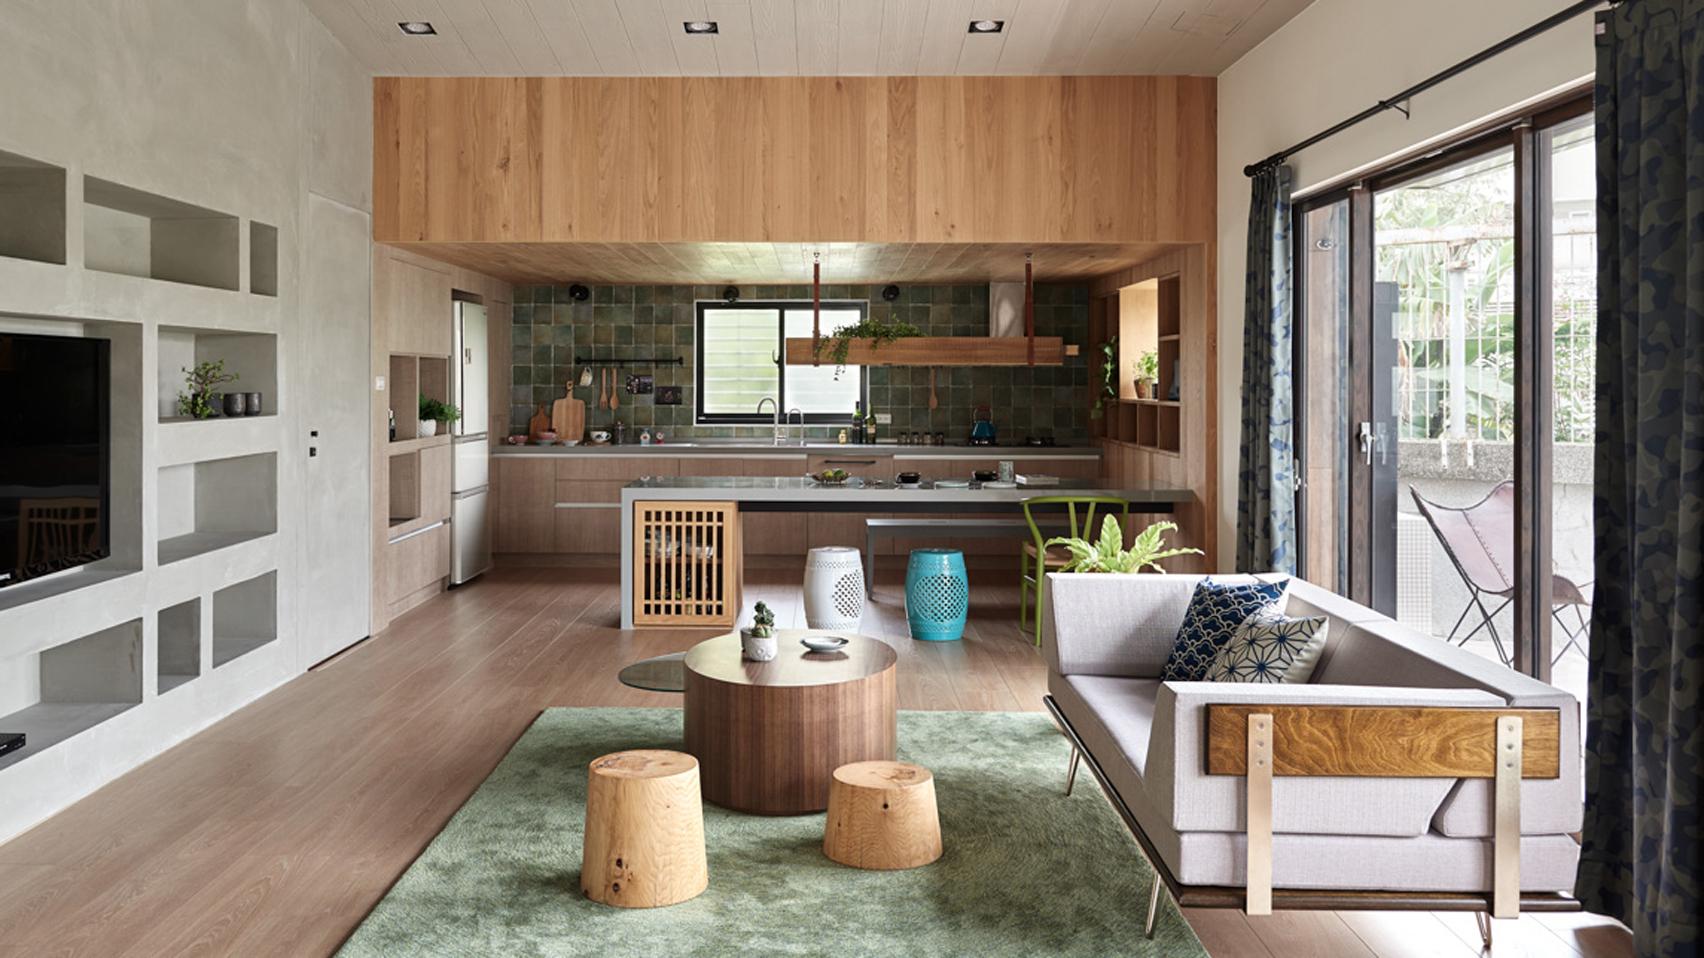 Cải tạo ngôi nhà ở Đài Loan với điểm nhấn vào khu vườn đẹp mê mẩn - Ảnh 3.